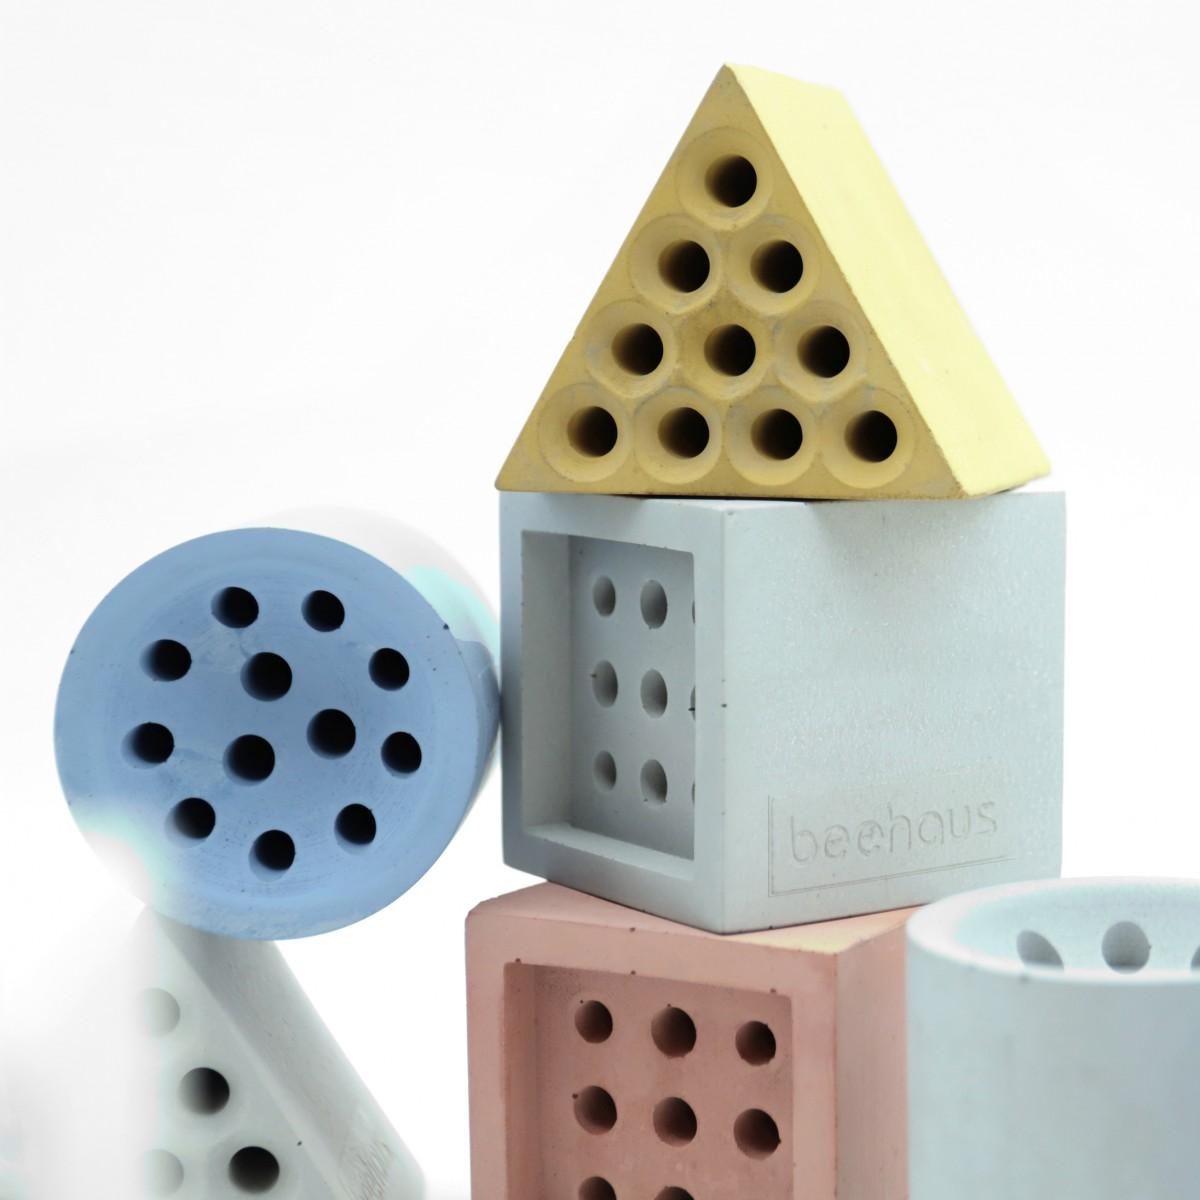 beehaus - Bienen-Hotel und Nisthilfe aus Beton im Bauhaus-Design von Grellroth, Dreieck